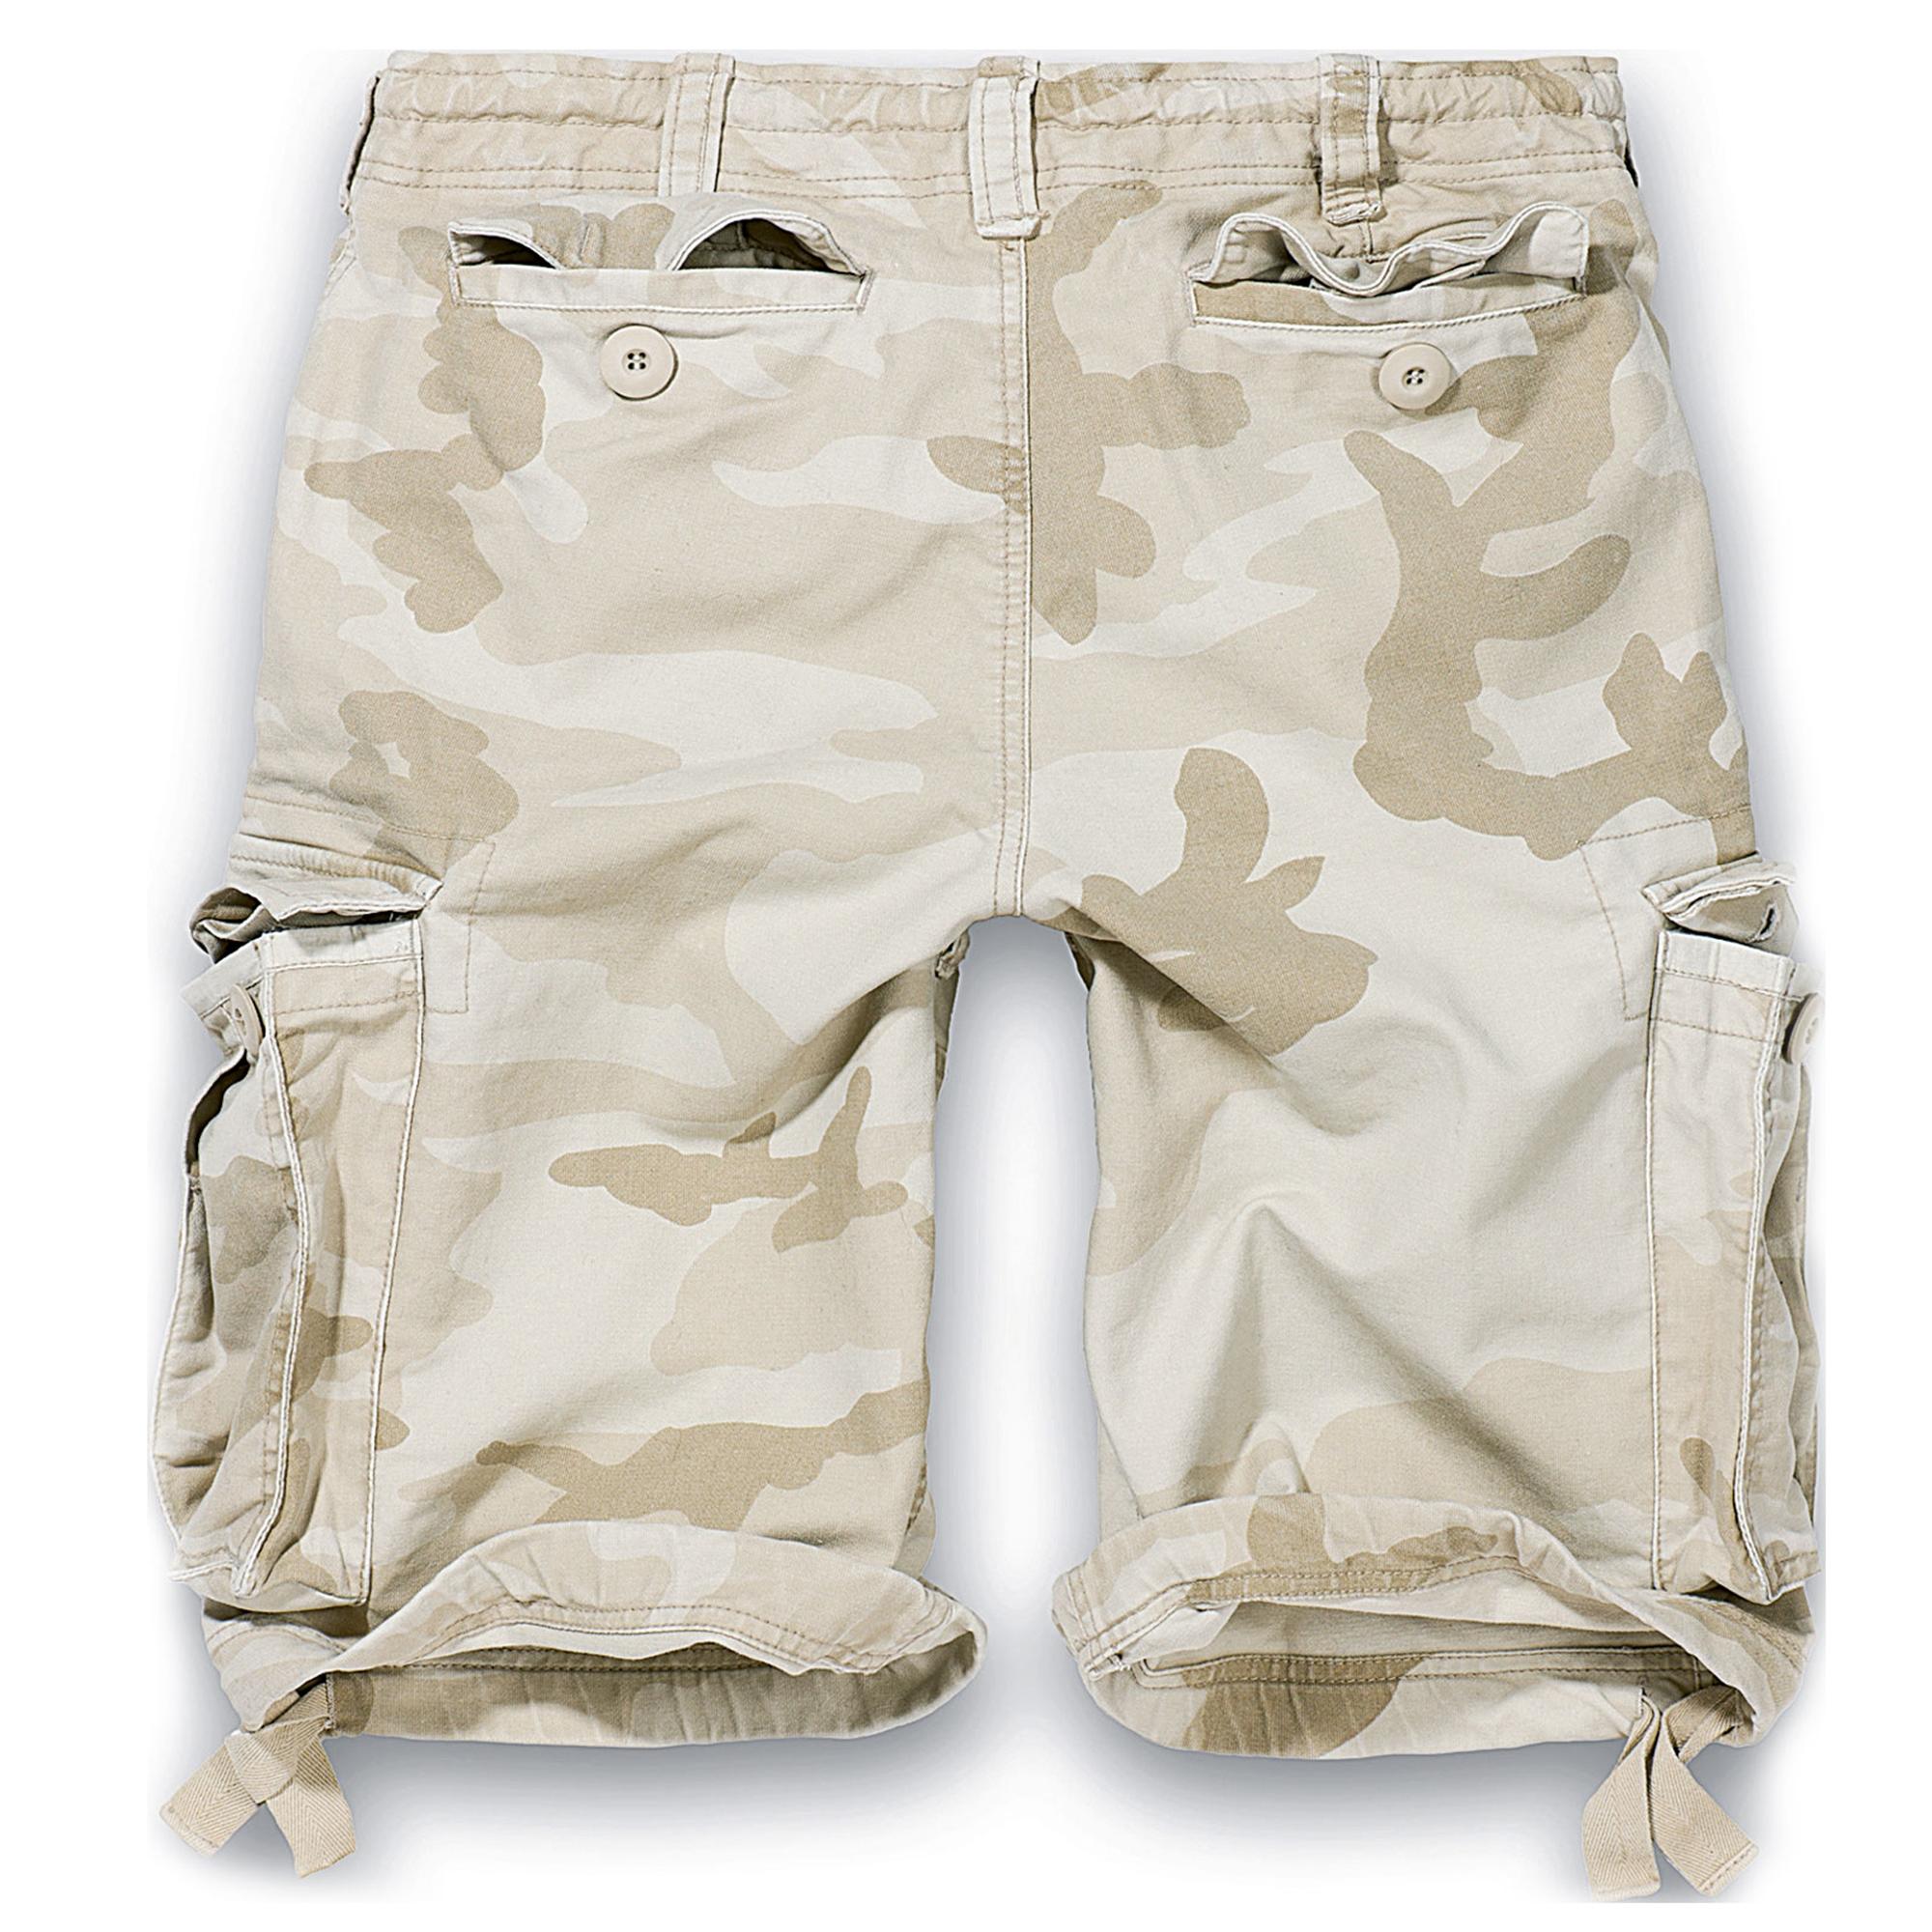 Brandit-Vintage-Herren-Cargo-Shorts-Bermuda-Kurze-Hose-Short-US-Army-Ranger Indexbild 14